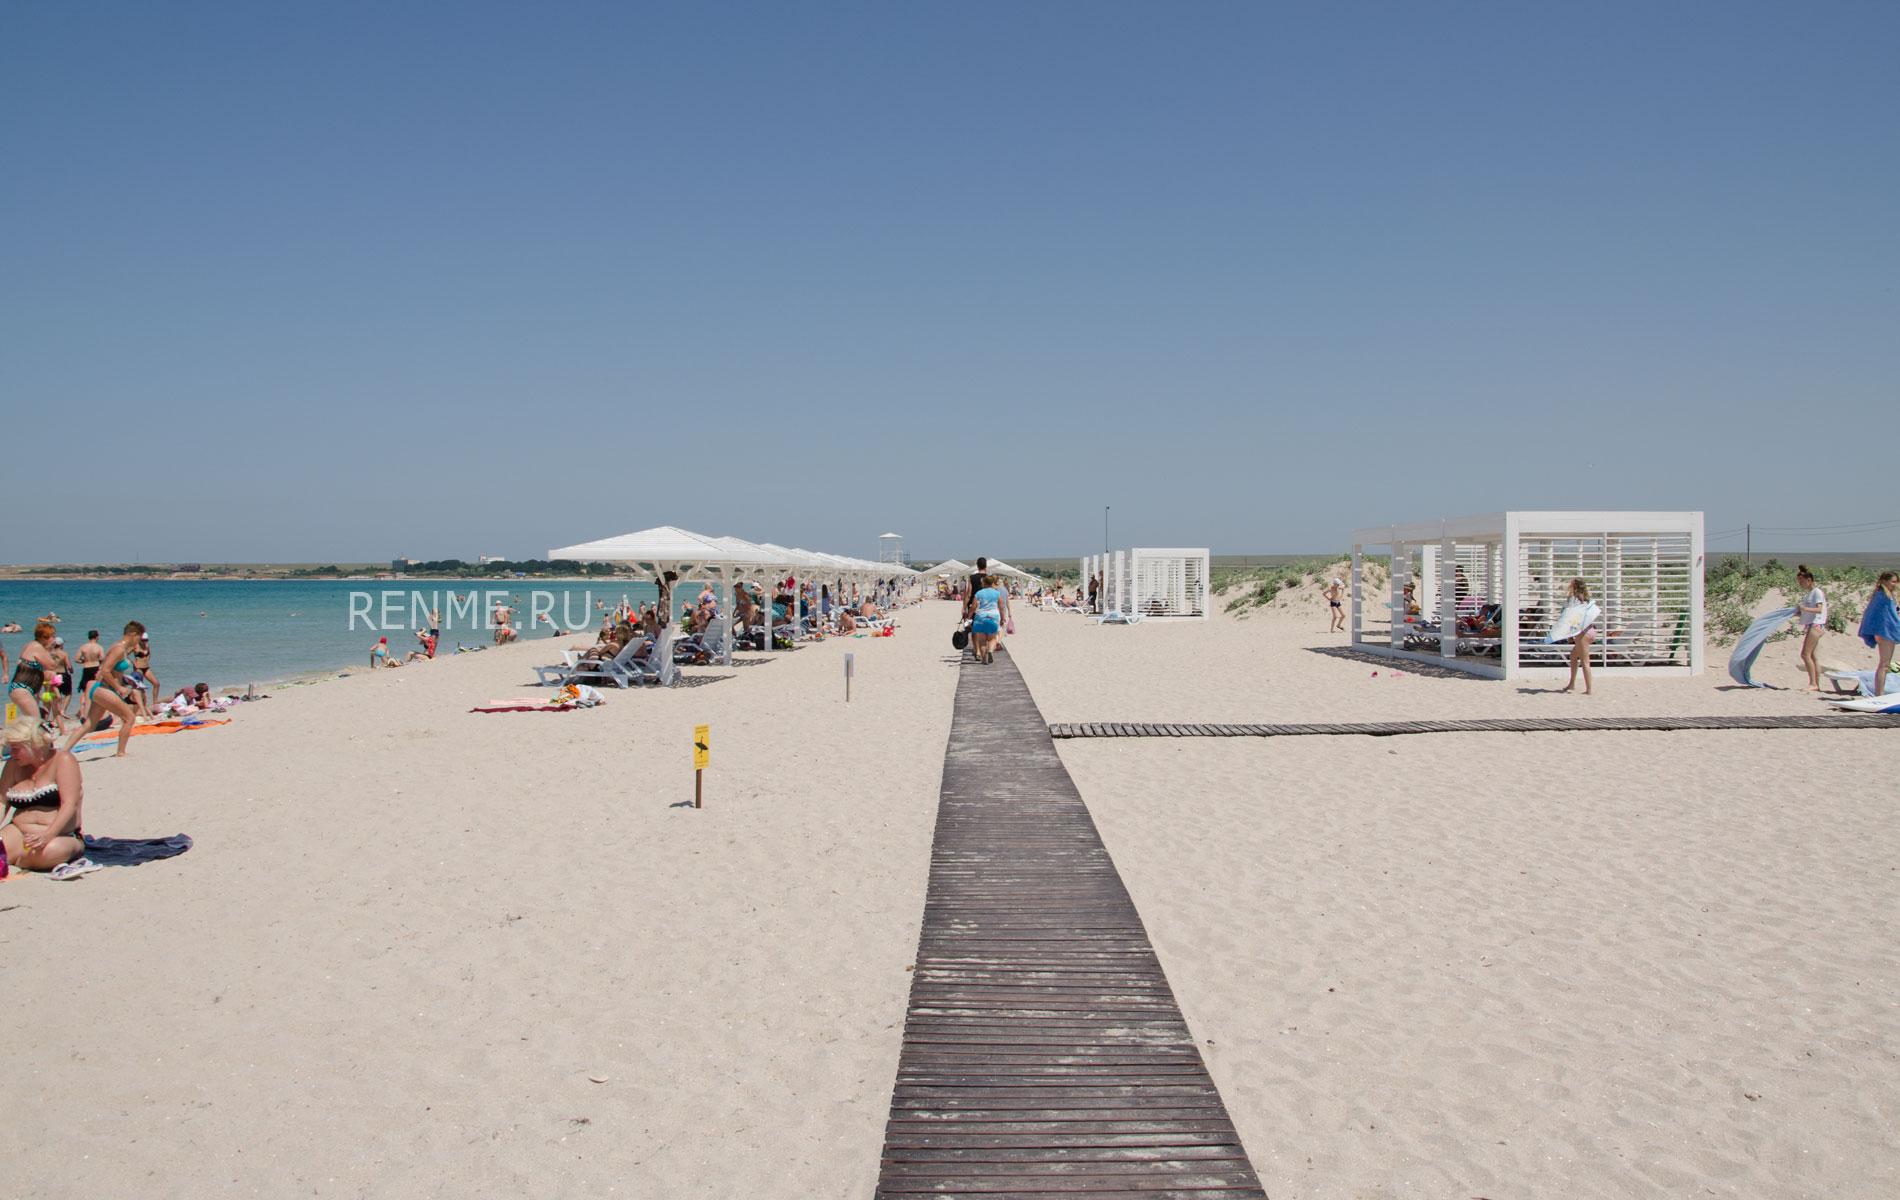 Лучший пляж Крыма в Оленевке. Фото Оленевки